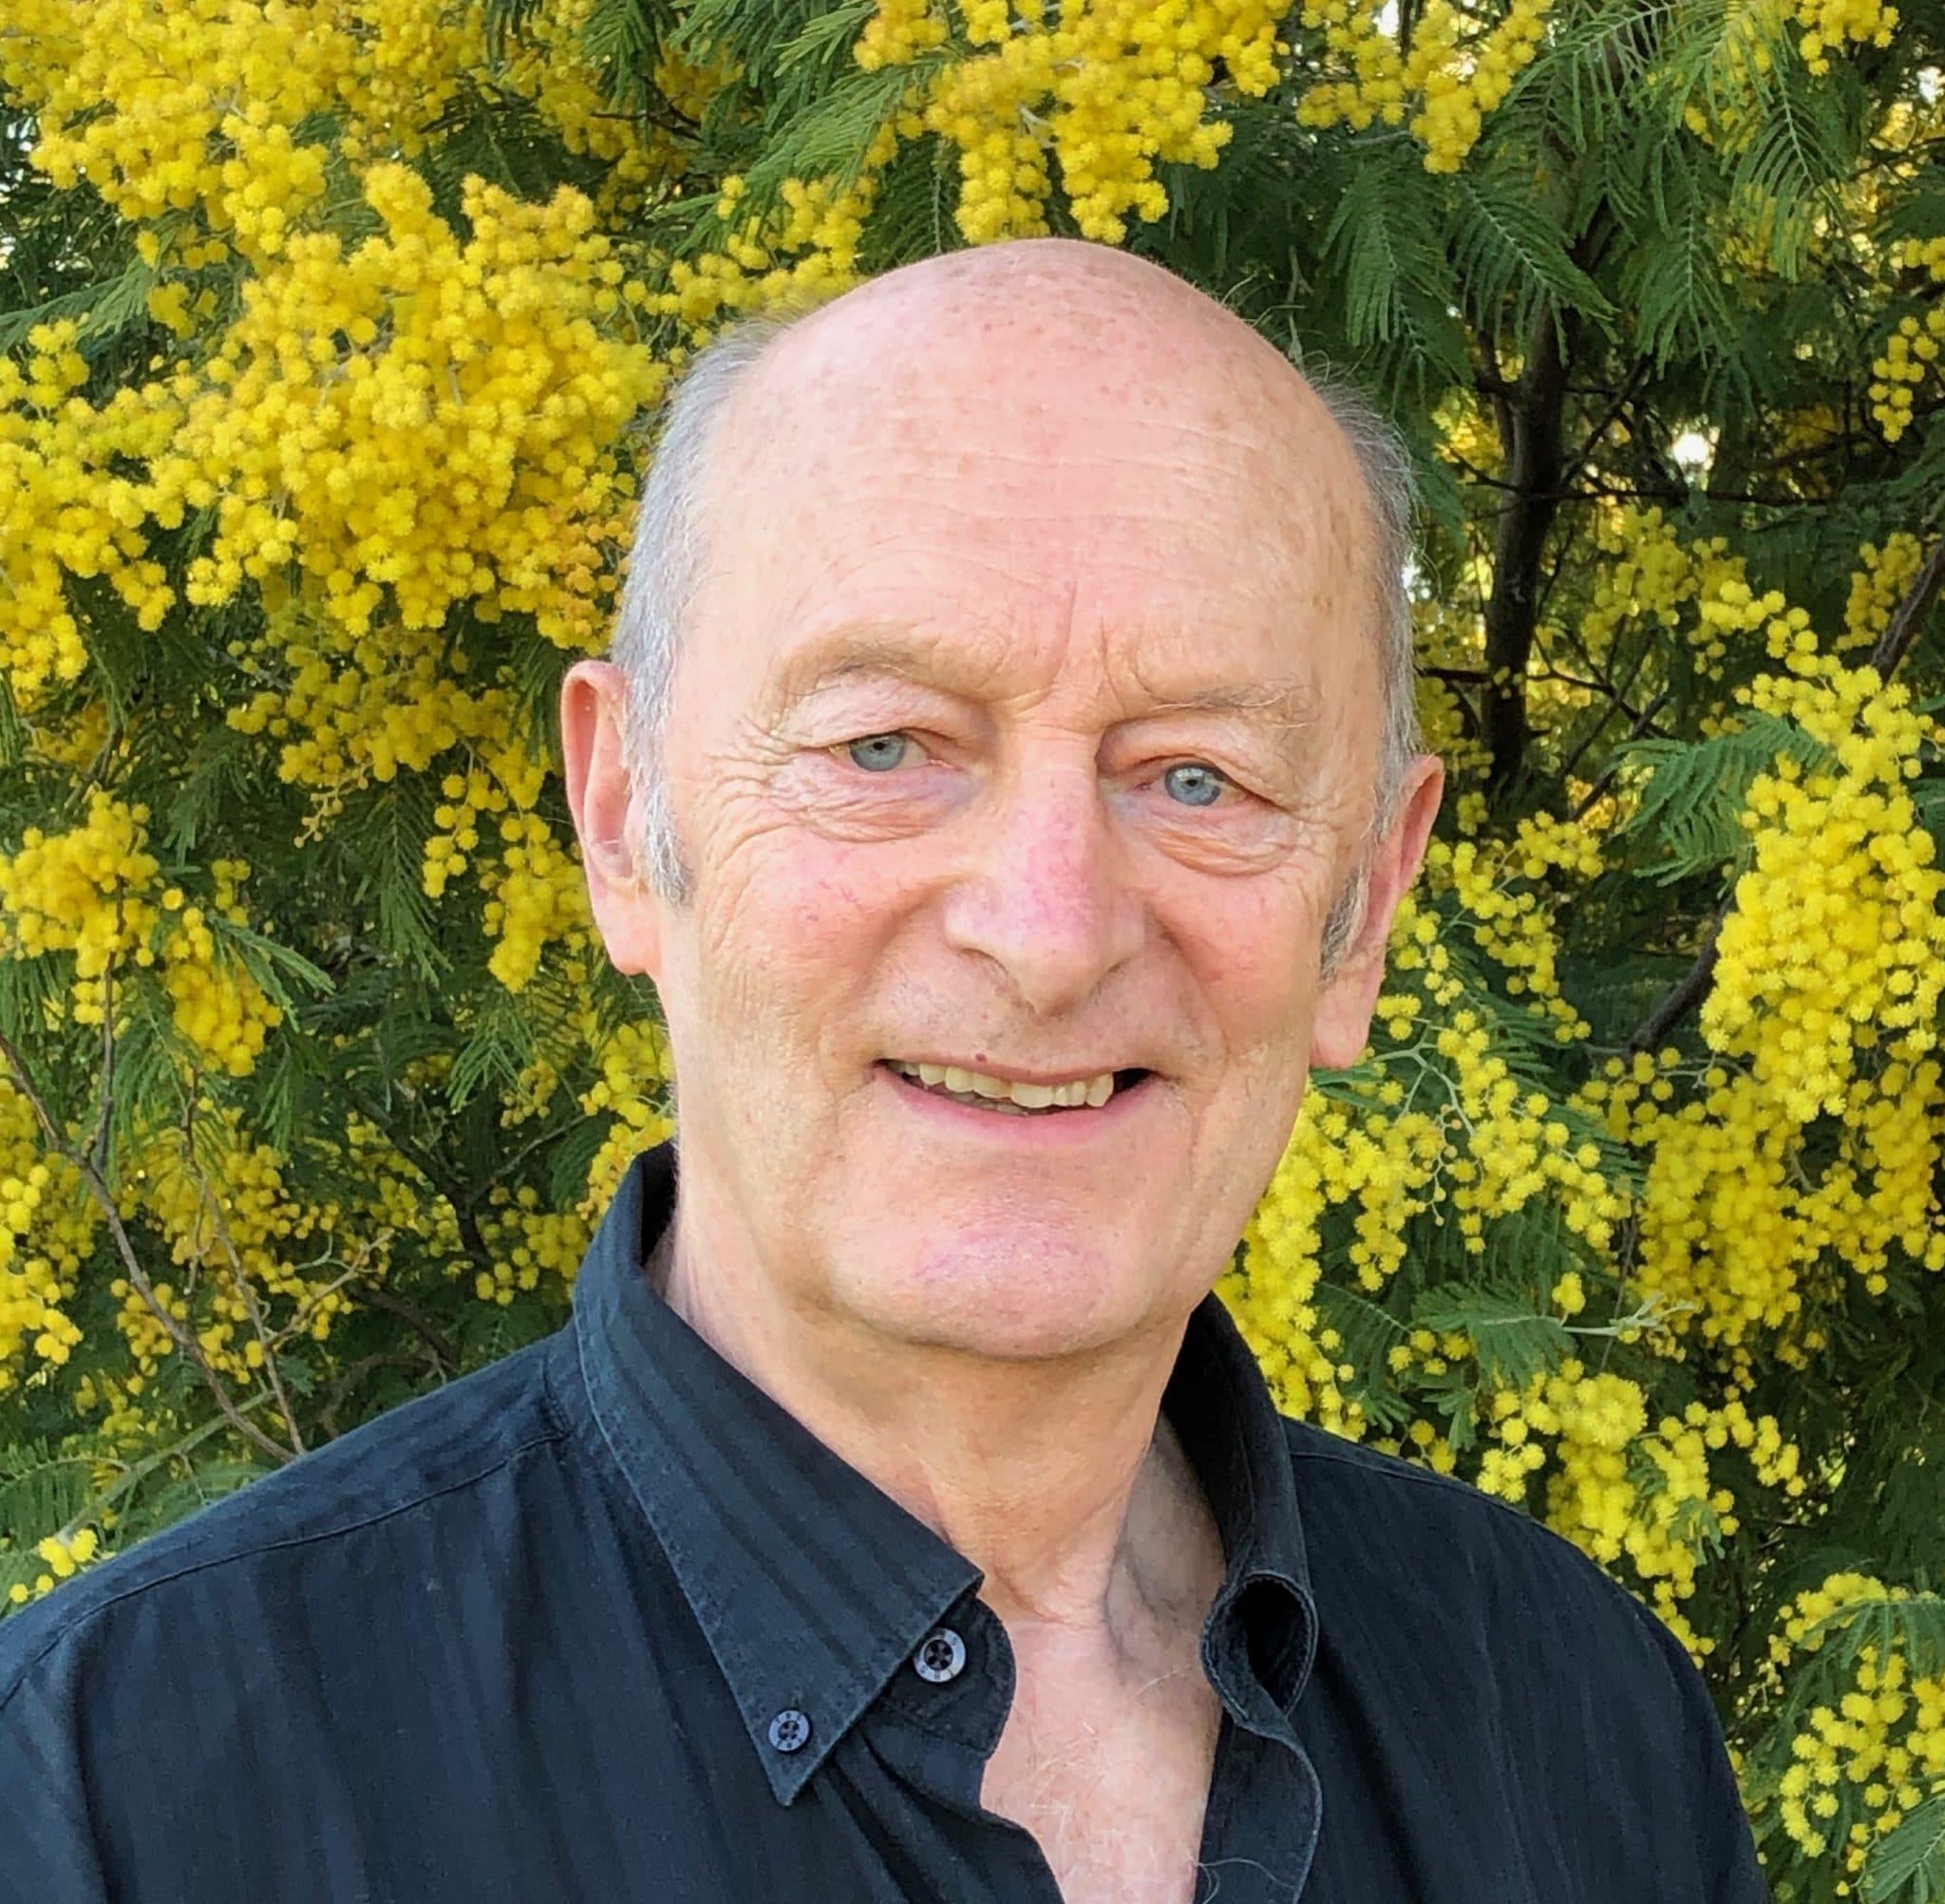 Jean-Claude Winkel